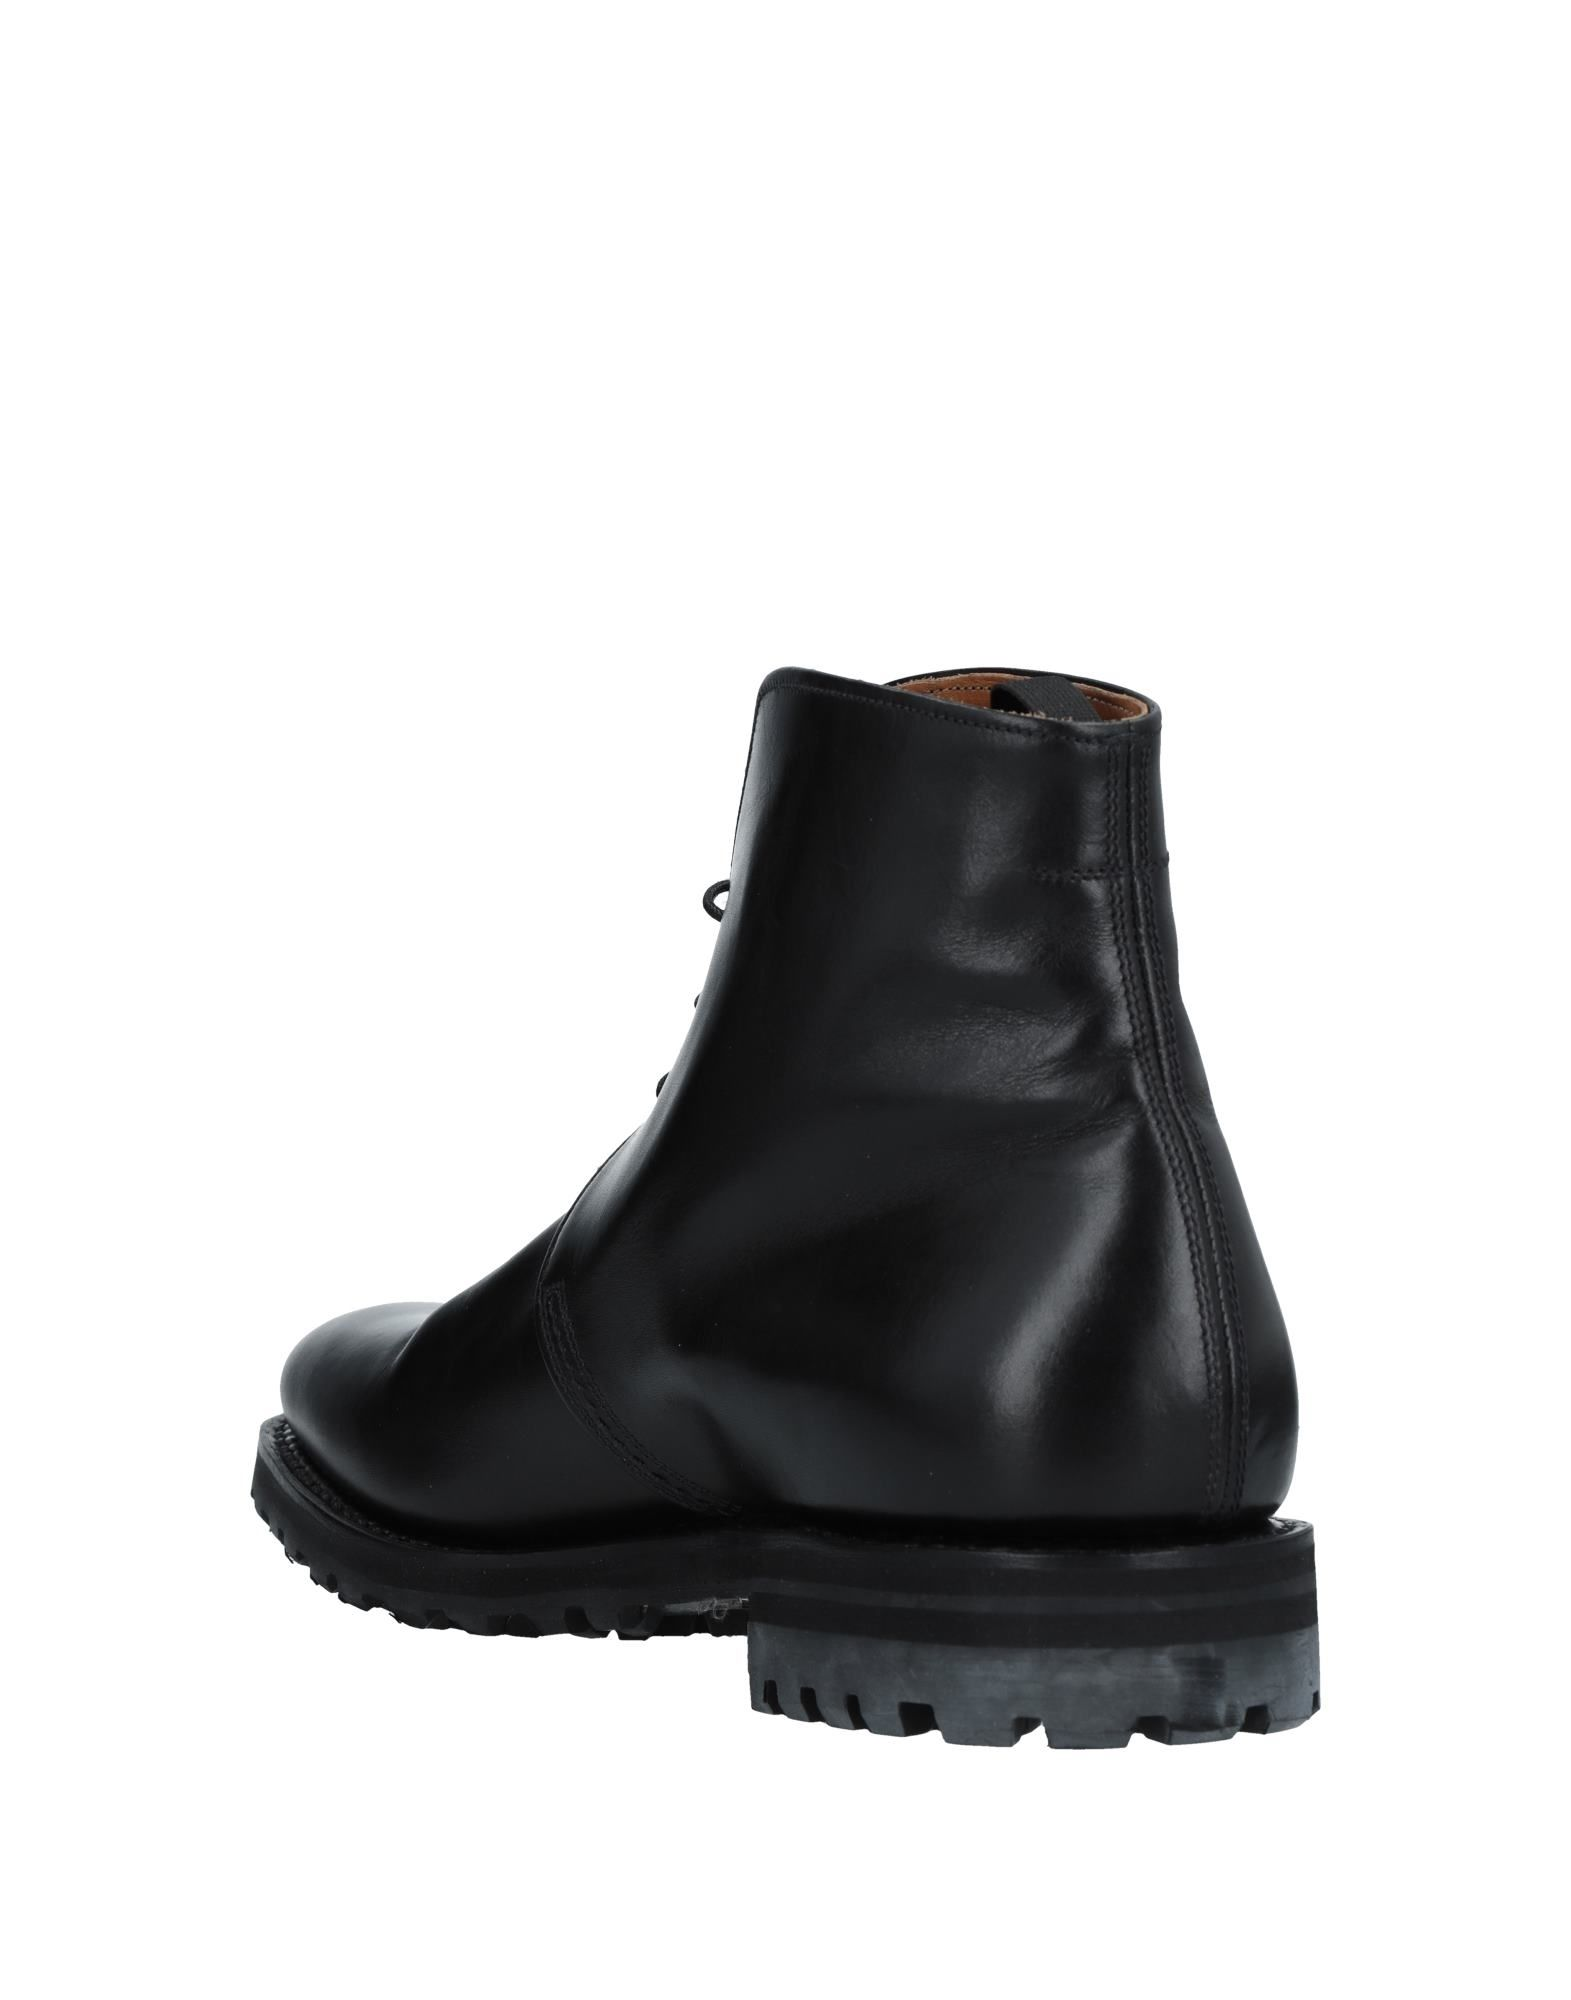 Premiata Stiefelette Gute Herren  11531055HC Gute Stiefelette Qualität beliebte Schuhe 26c63d